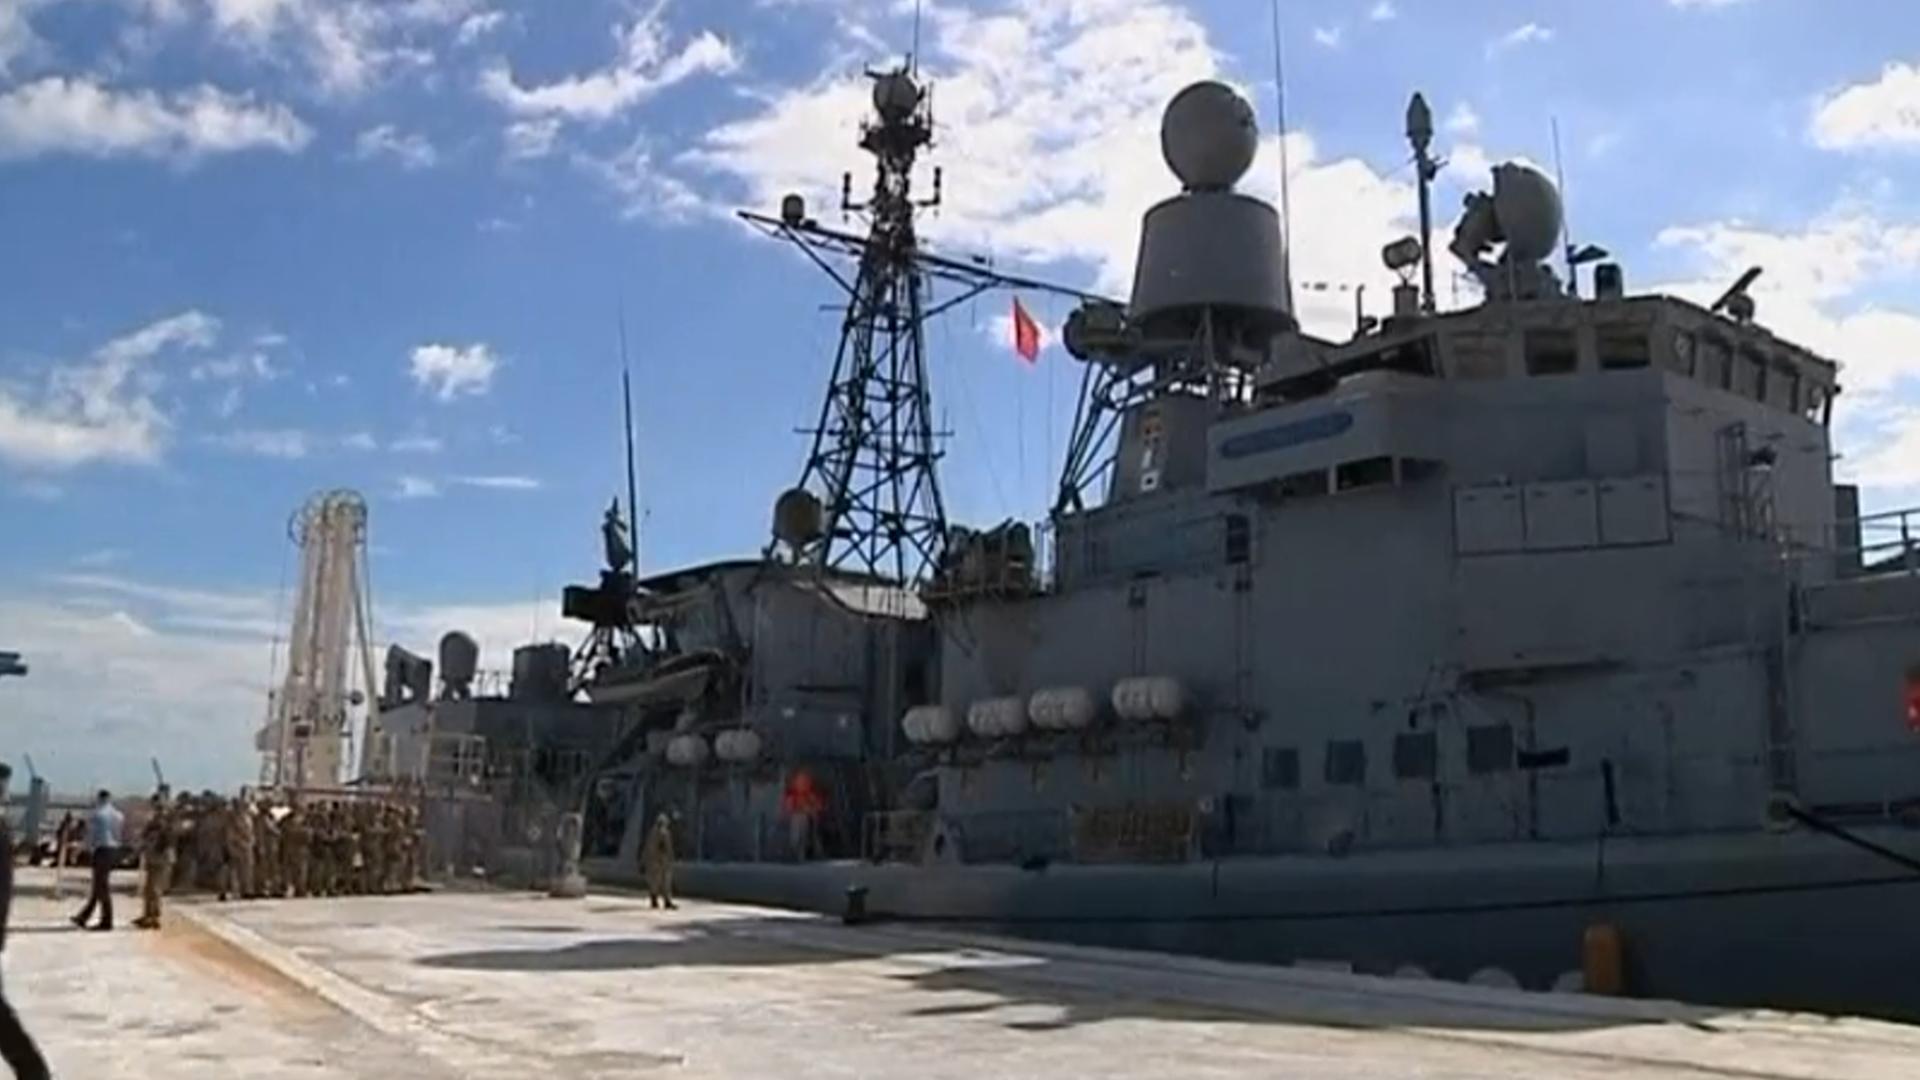 德國護衞艦今夏將駛經南海 19年來首次